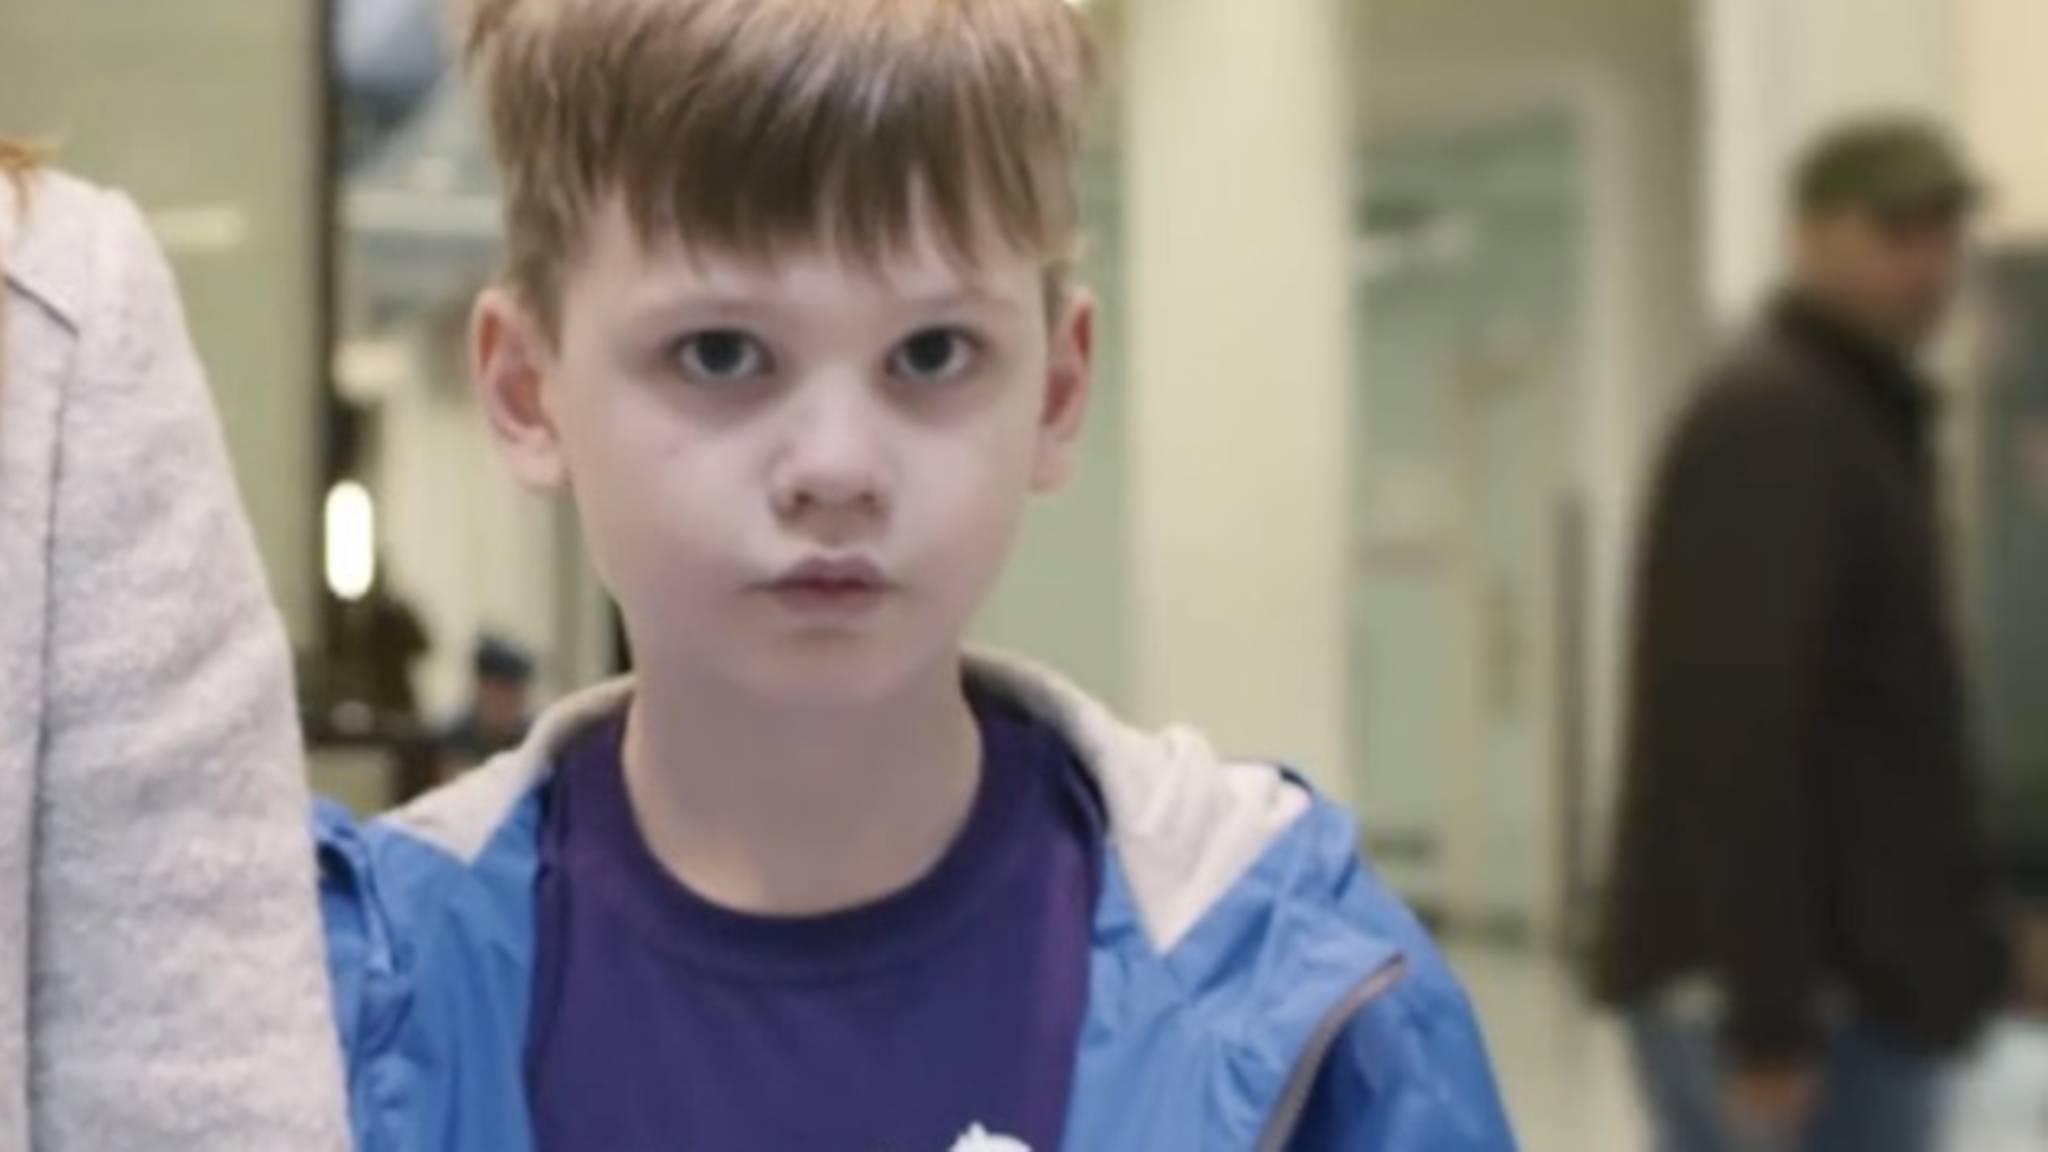 Autismus Video Zeigt Wie Autisten Ihre Umwelt Wahrnehmen